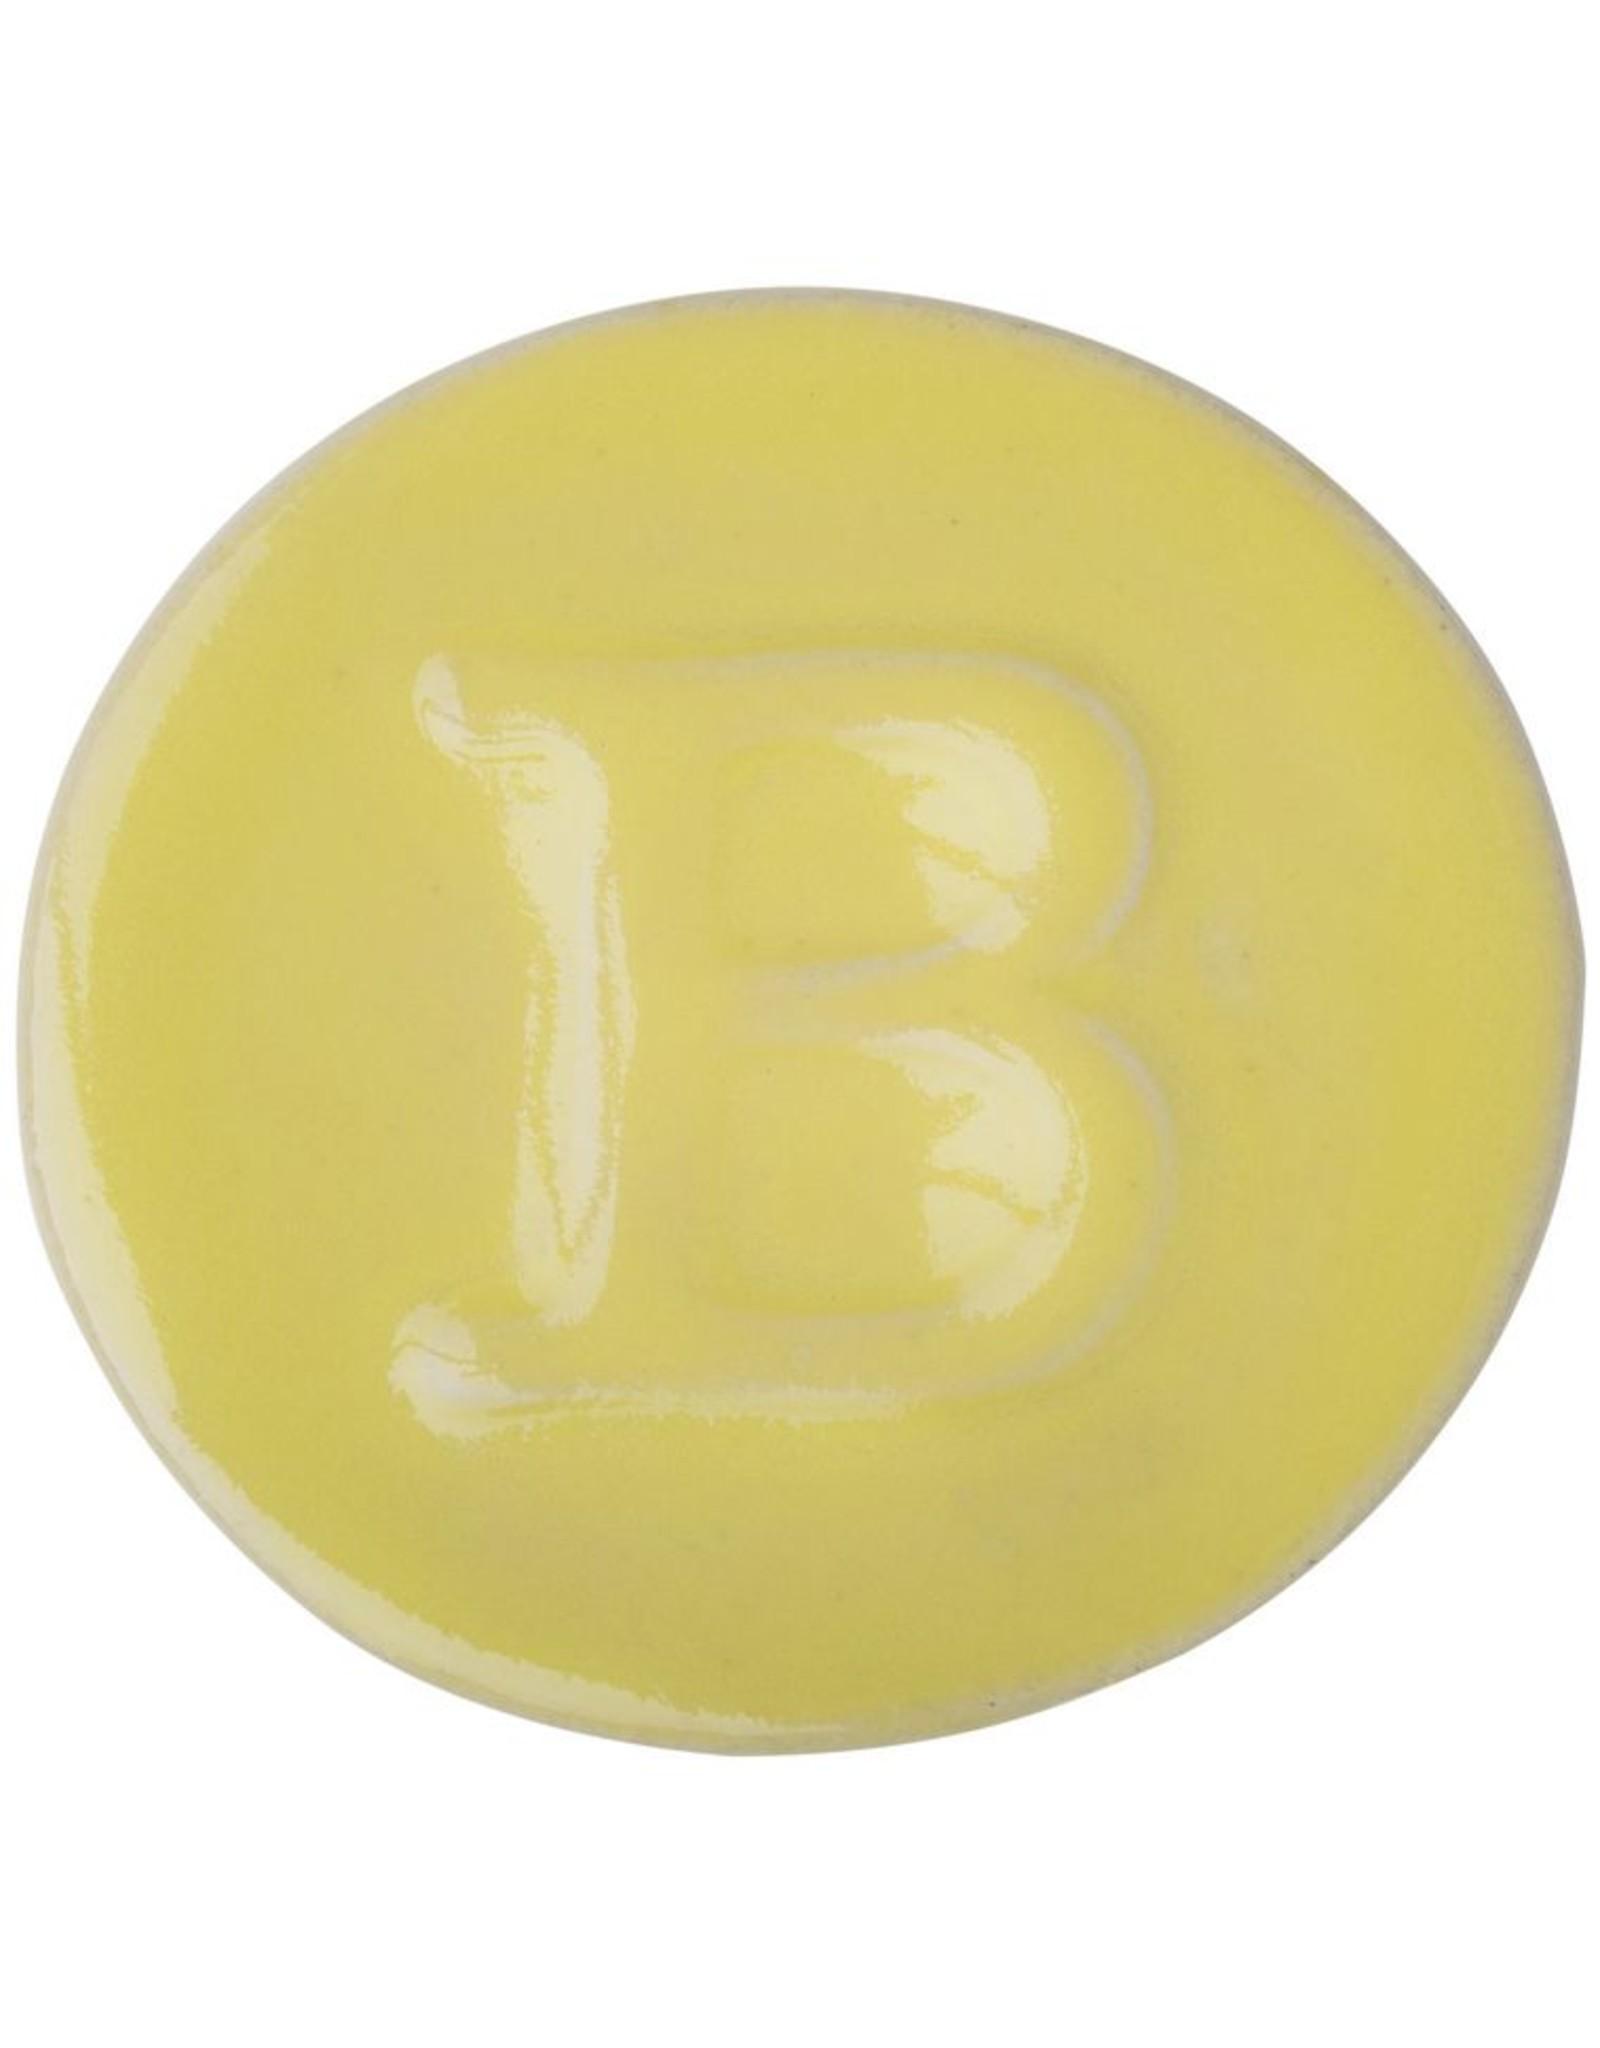 Botz Pro Citrine Yellow 200ml